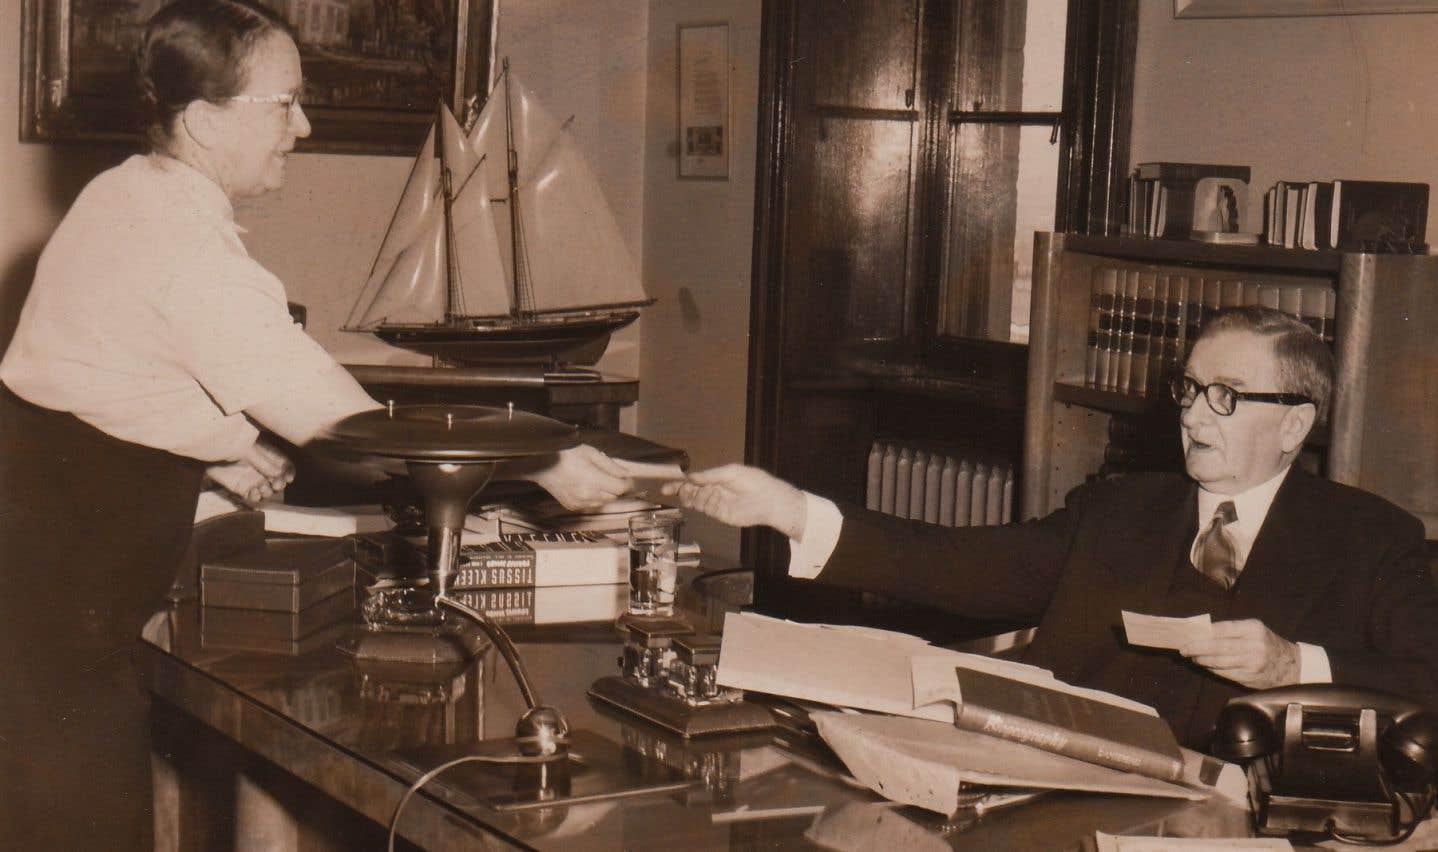 Le premier ministre Maurice Duplessis a occupé le bureau du troisième étage de l'édifice Honoré-Mercier pendant dix-huit ans. On l'aperçoit ici avec sa secrétaire, Auréa Cloutier, peu de temps avant la livraison du bureau qui lui est offert par l'Union nationale en 1958 pour souligner son 78e anniversaire.